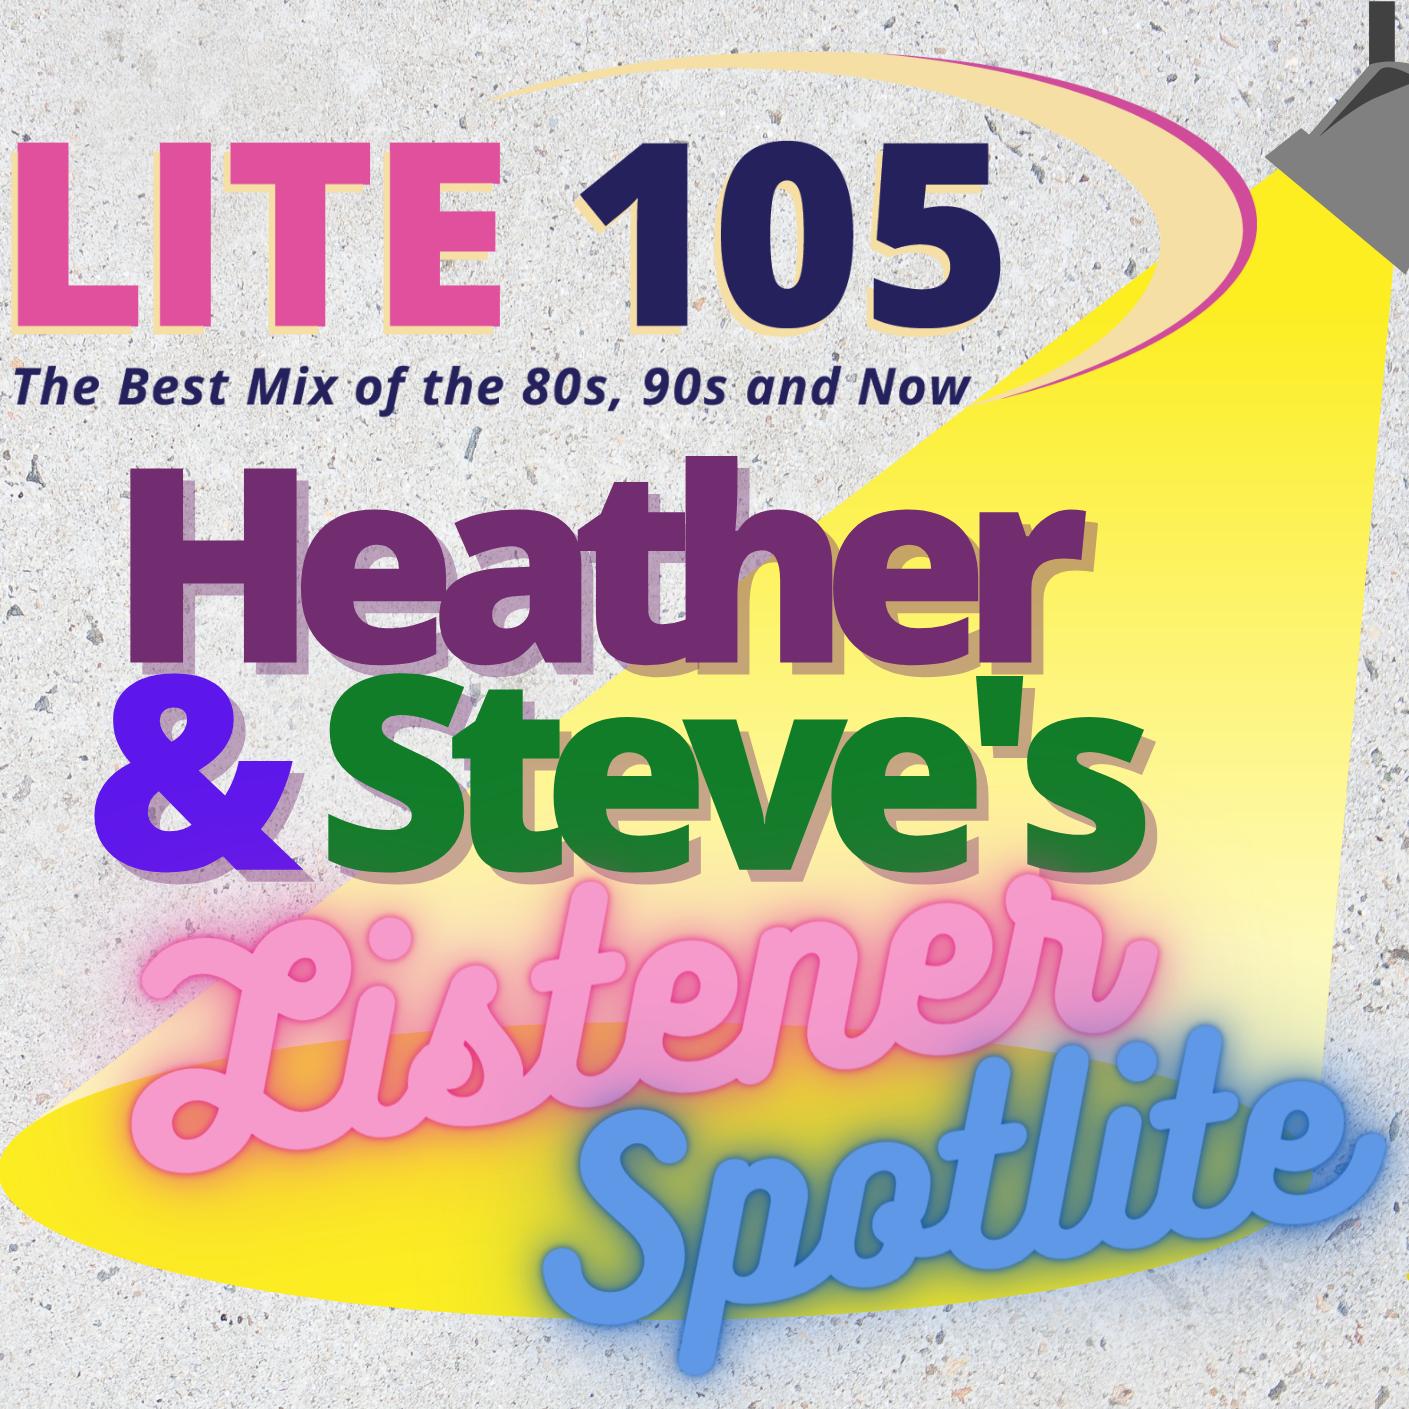 Heather & Steve's LISTENER SPOTLITE on Lite 105